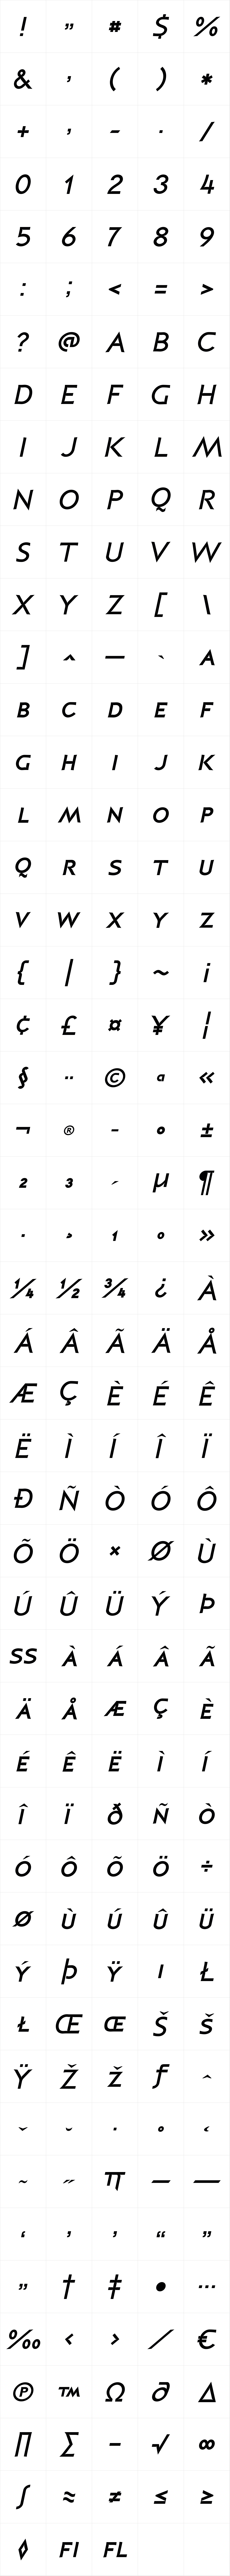 P22 Coda Bold Small Caps Italic